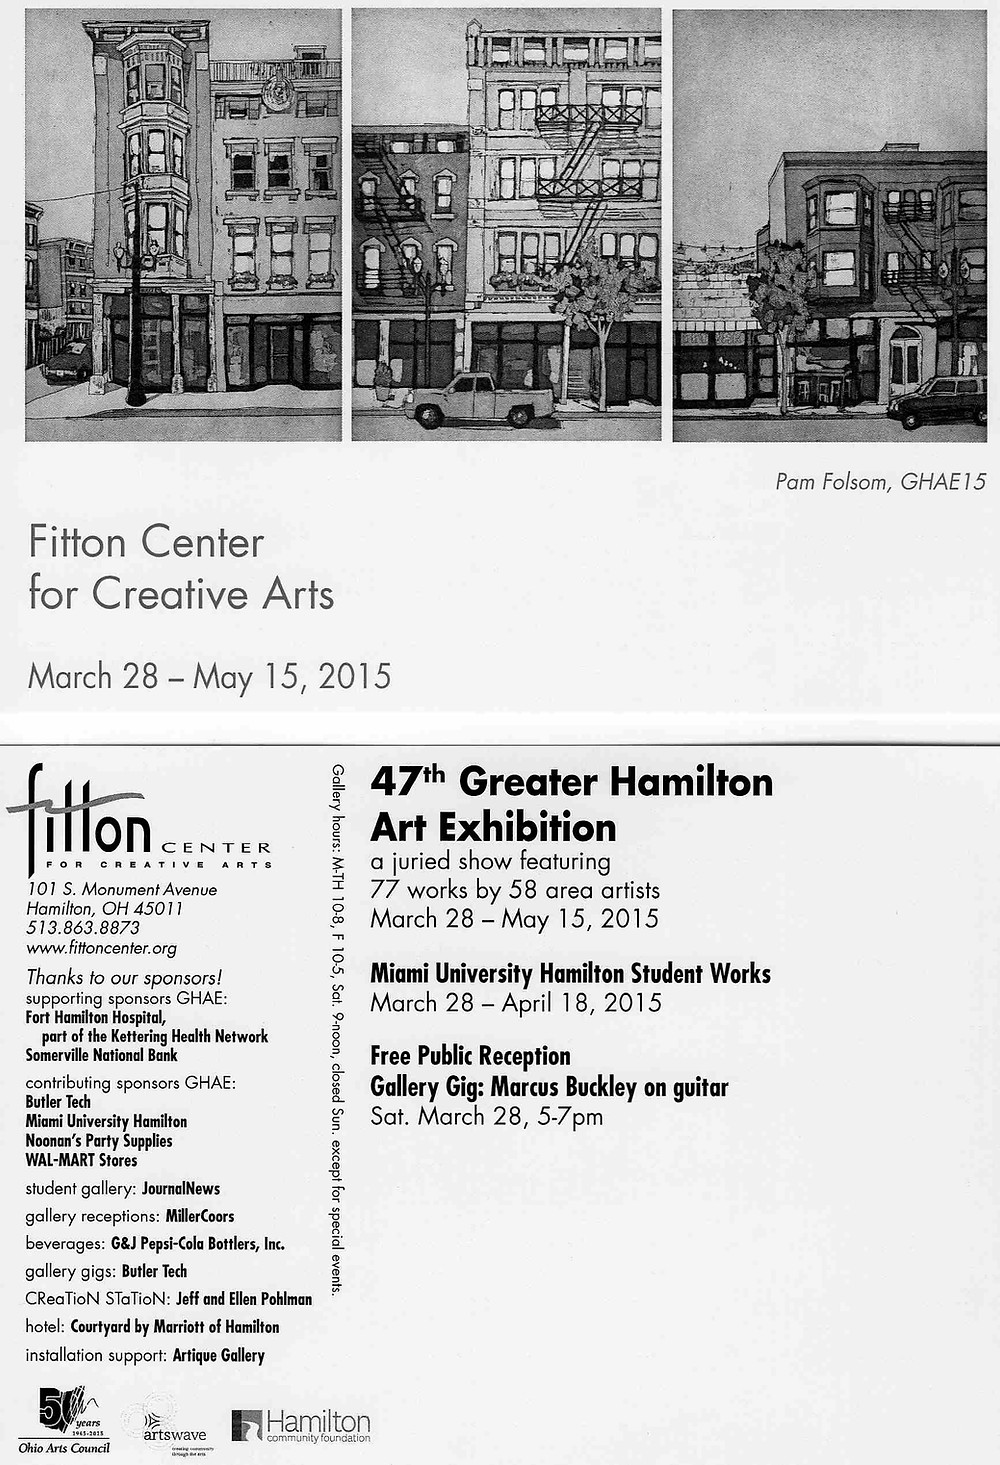 fitton invite024.jpg